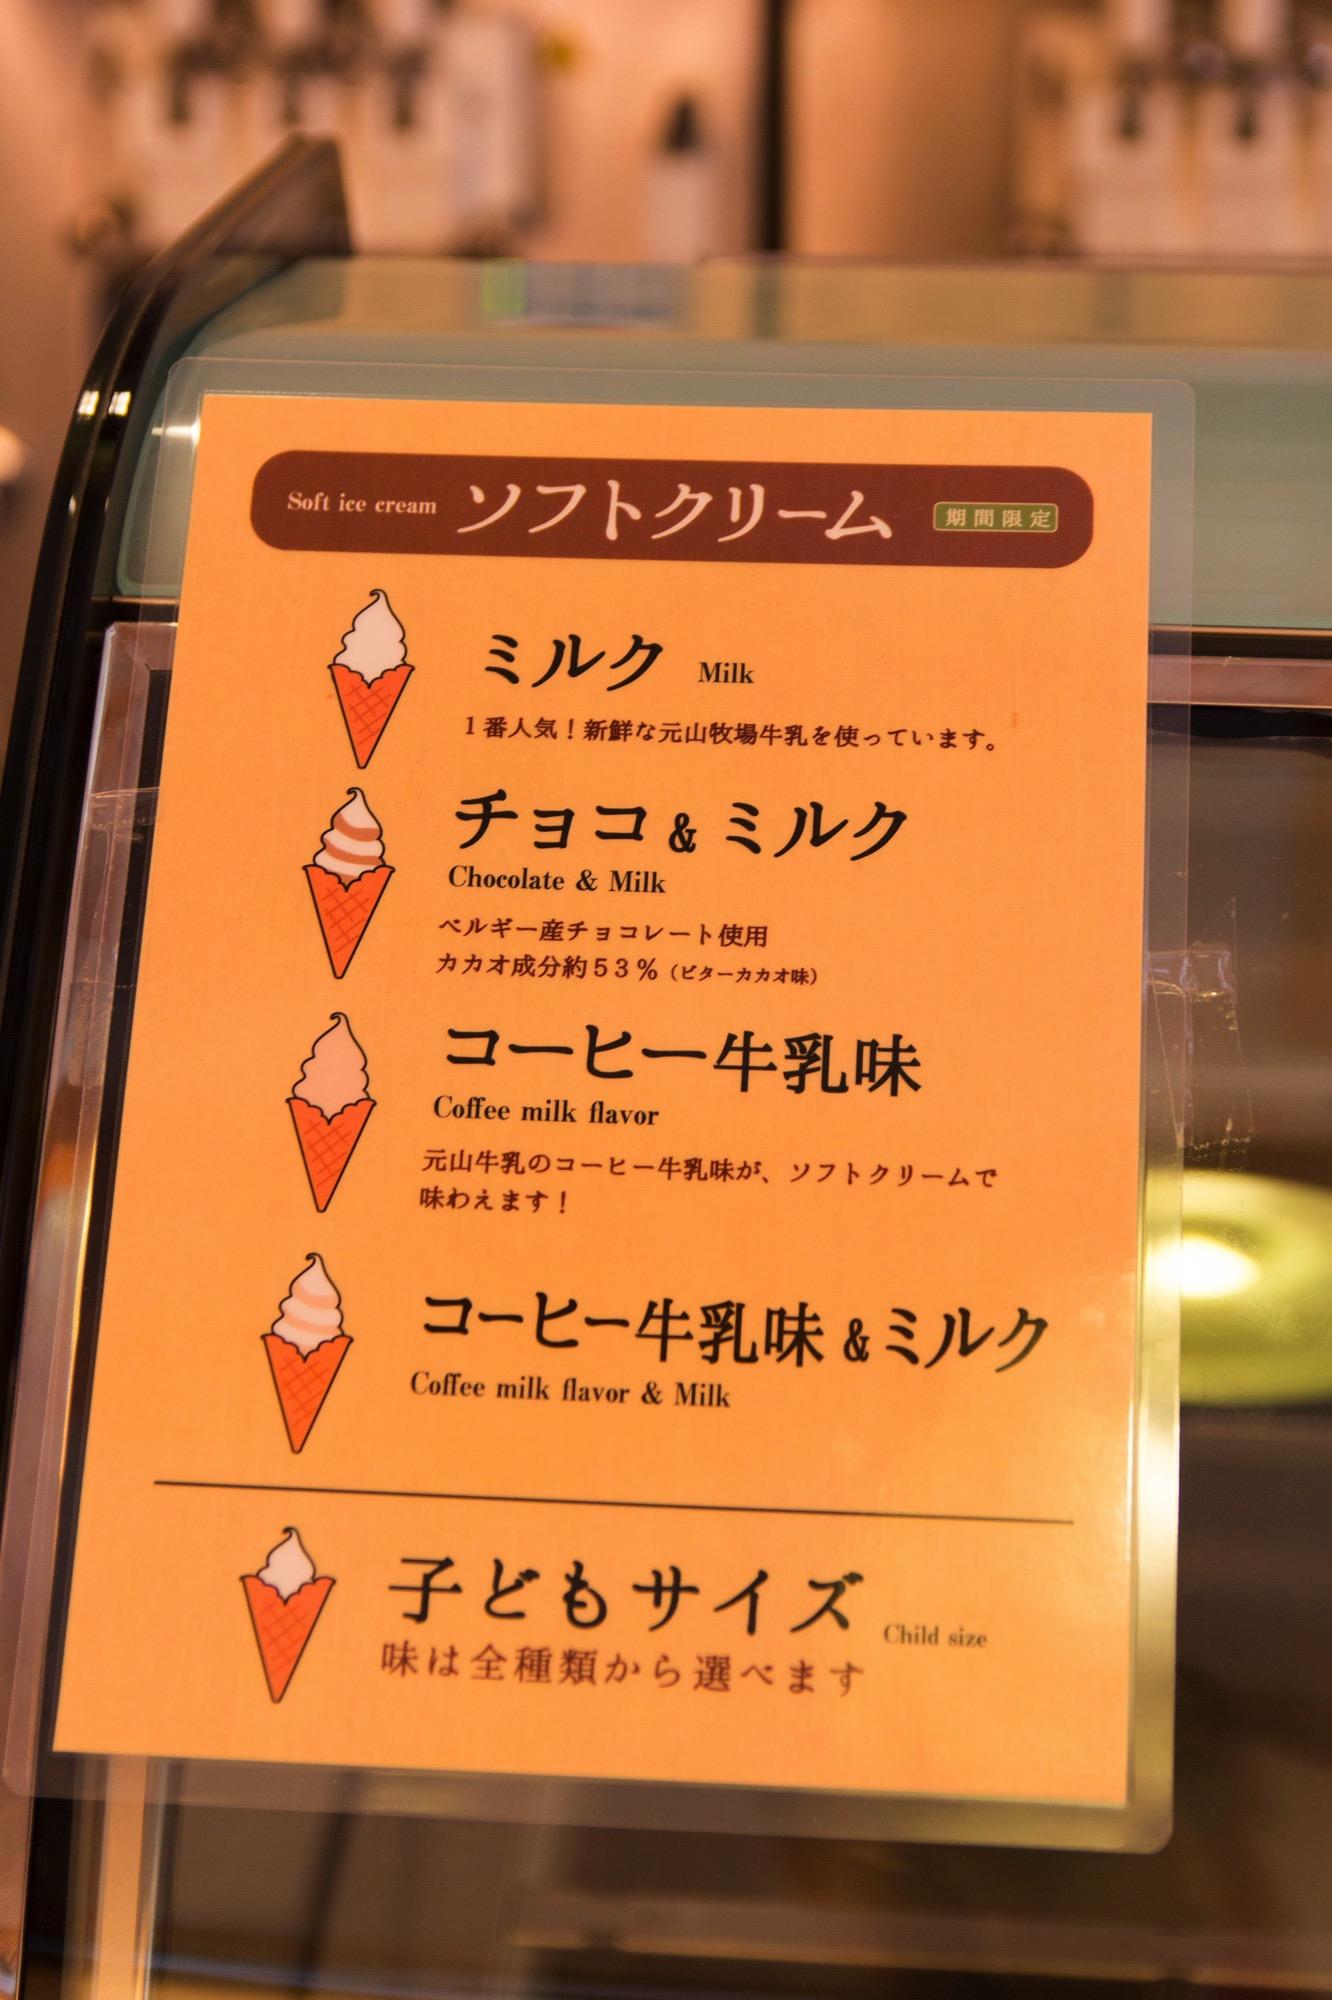 ソフトクリームの種類